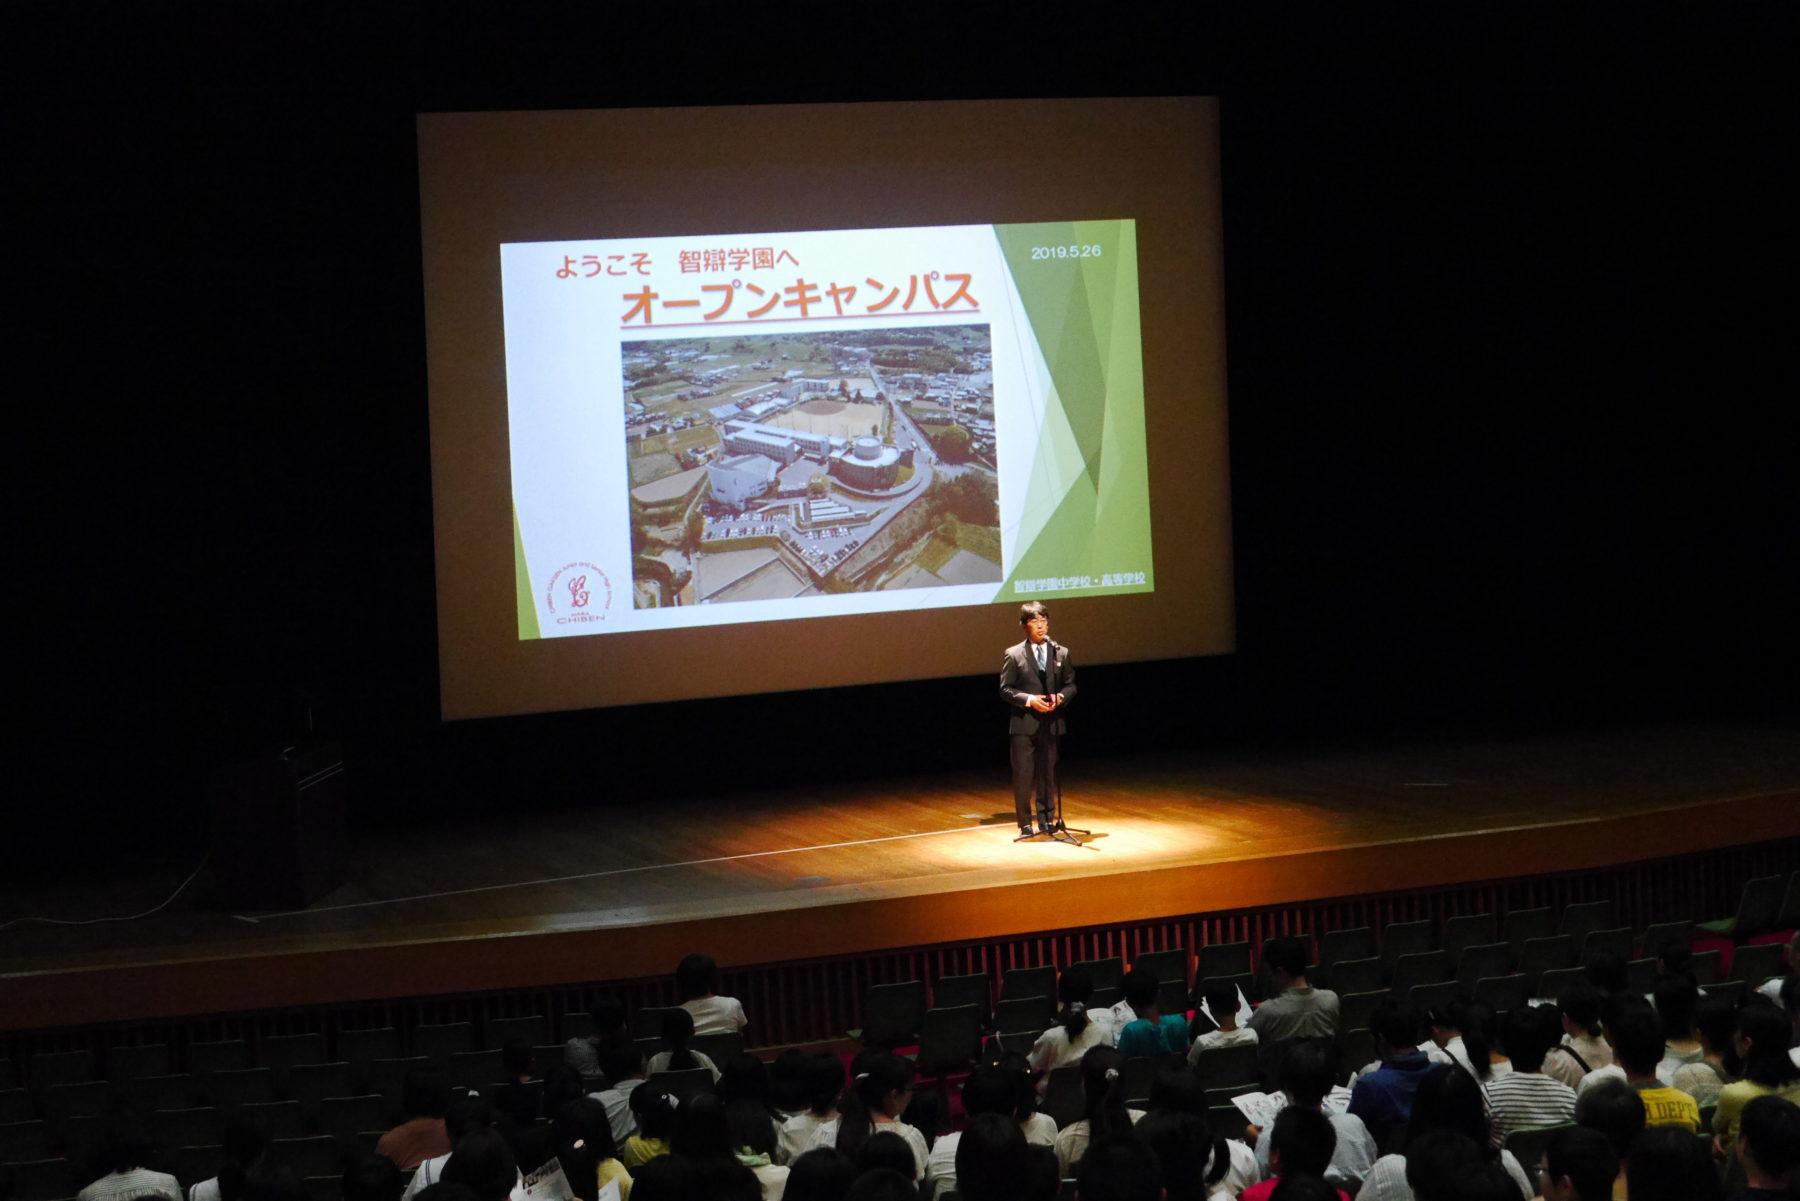 【中学・高校】オープンキャンパスへのご参加、ありがとうございました。